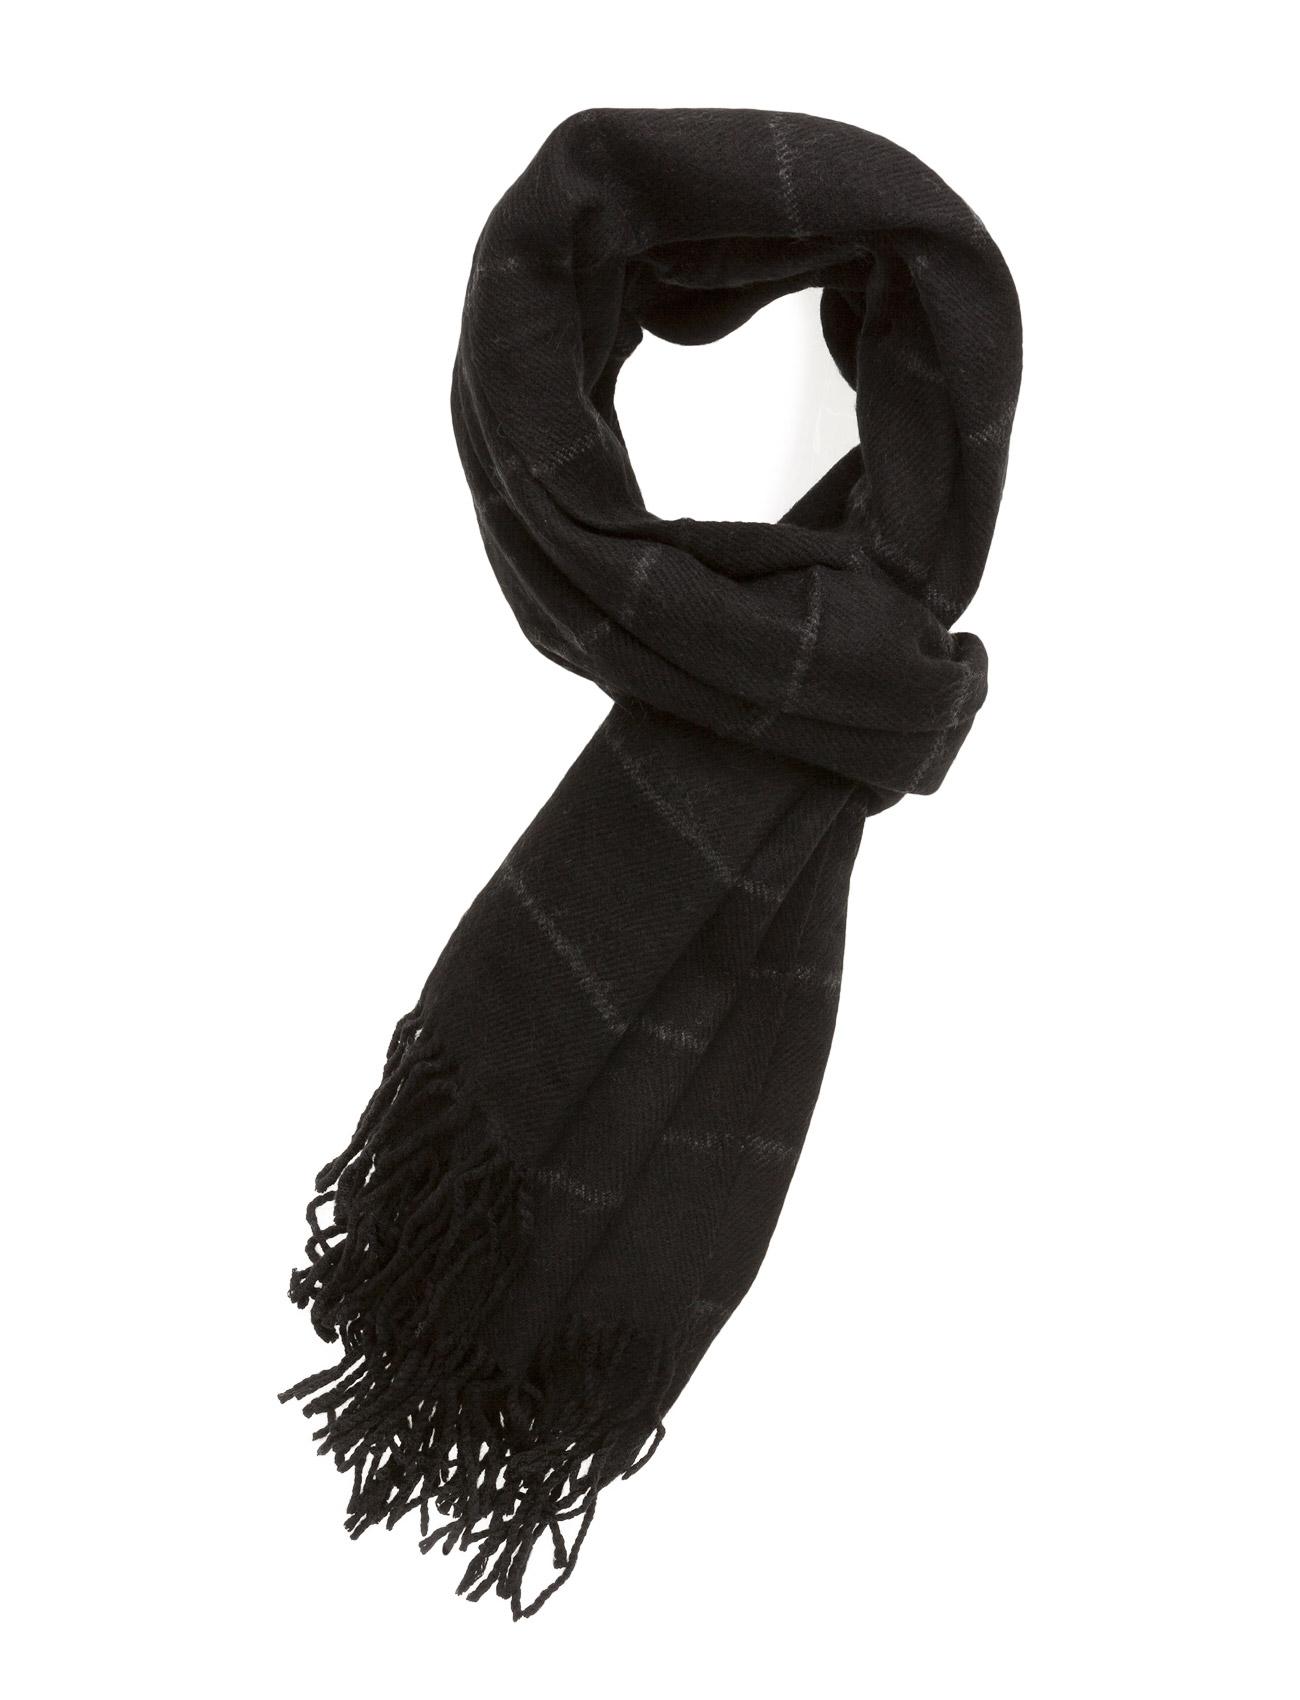 Rude Scarf Black Lily Halstørklæder til Damer i Sort